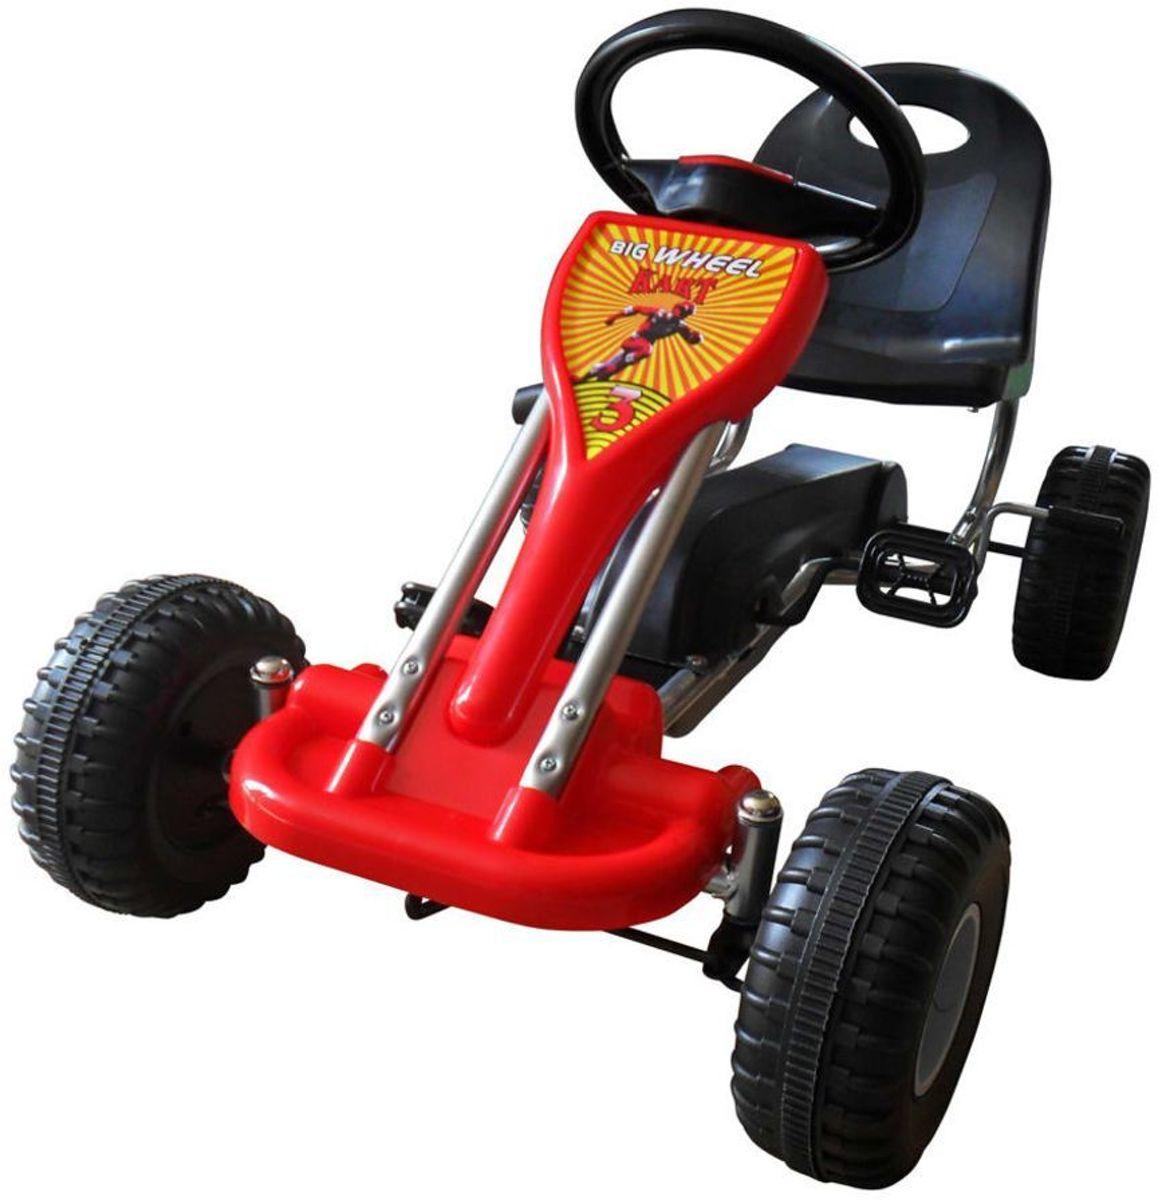 Skelter Kart Rood 3 4 5 jaar - Trapauto - Kart auto voor kinderen